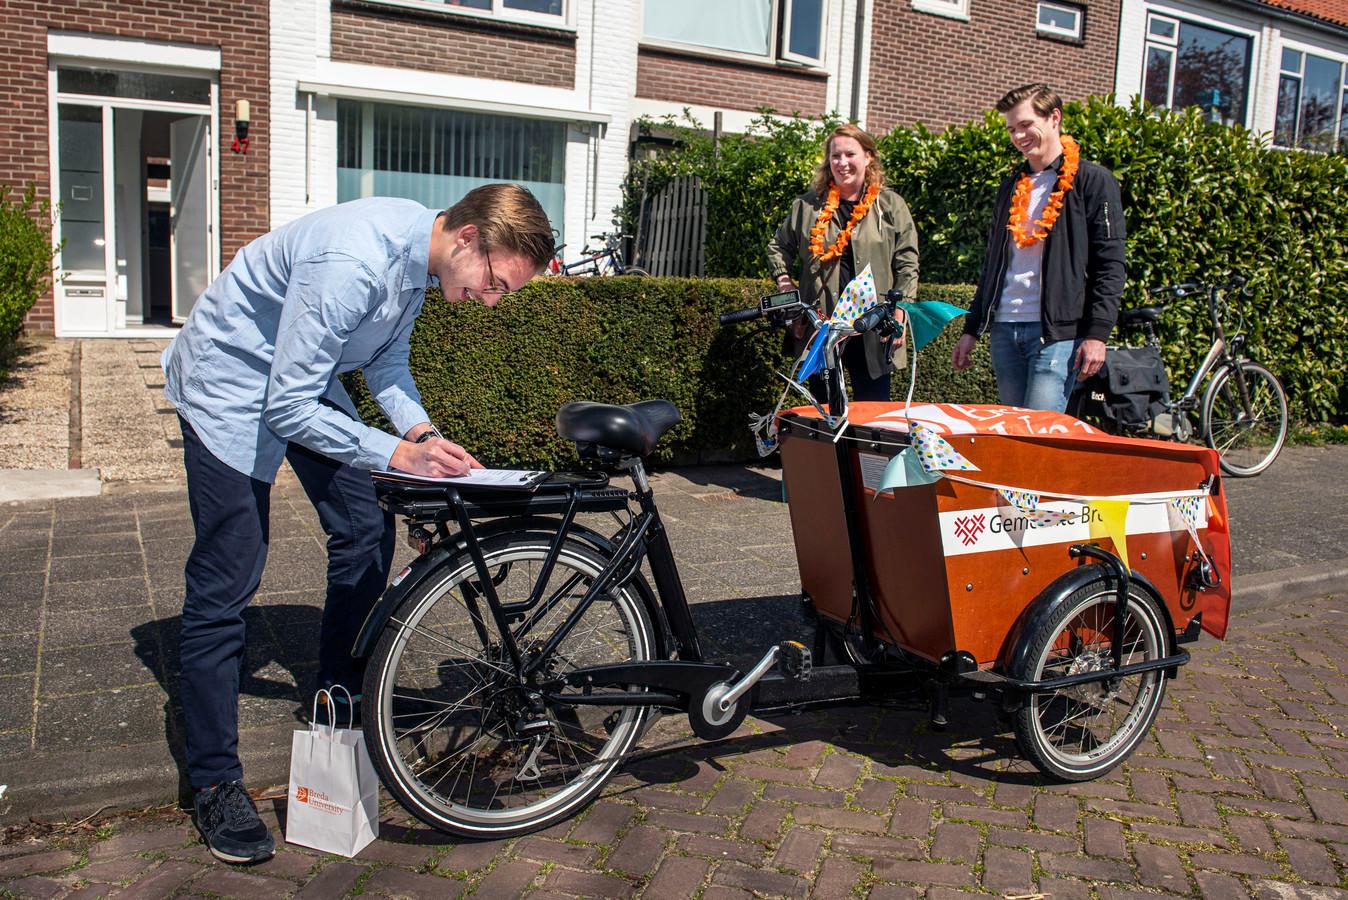 Jeroen Koppen en Elles van Steenis gaan laangs bij studenten voor een persoonlijke propedeuse-uitreiking.  Jules Quaedvlieg woont in Breda en is toch blij dat hij op deze wijze feestelijk bezoek heeft.